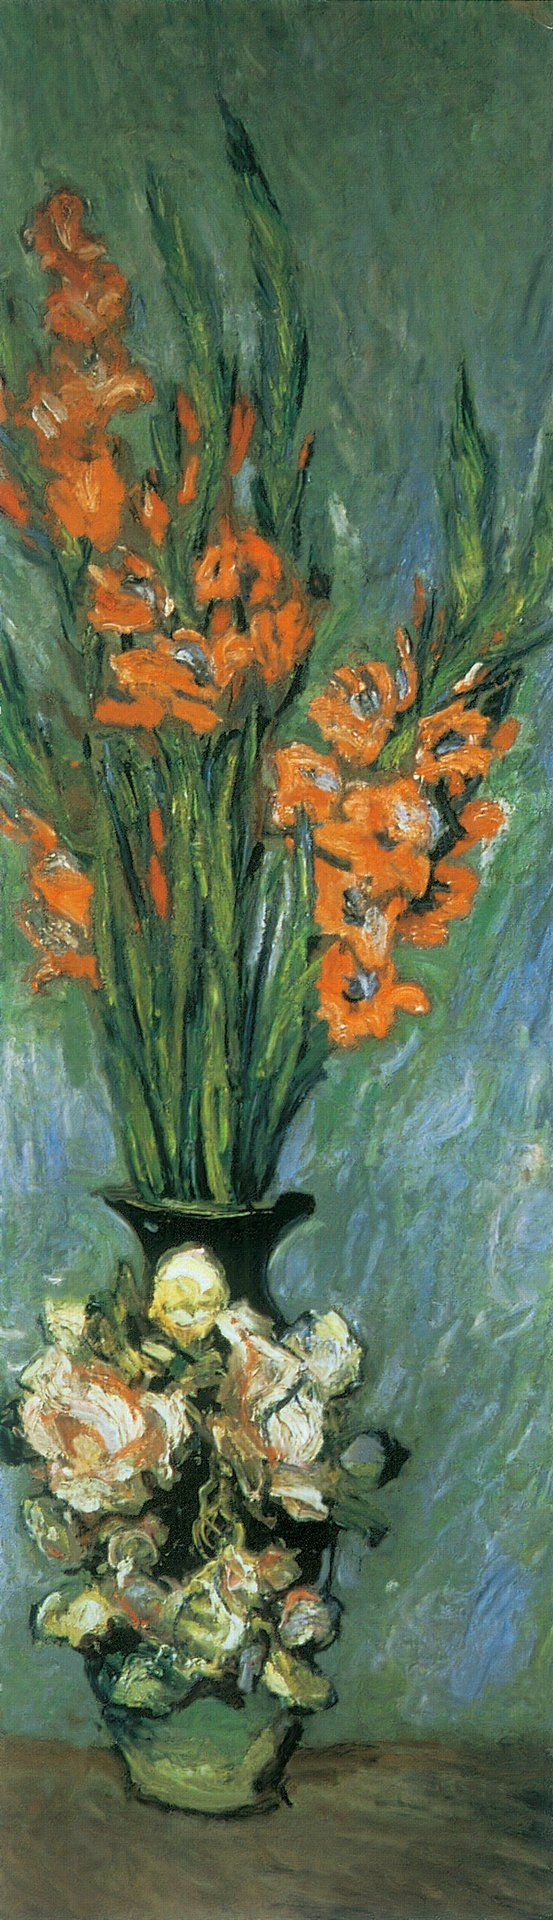 (via All sizes | 1882-85 Claude Monet Gladioli(collezione privata) | Flickr - Photo Sharing!)